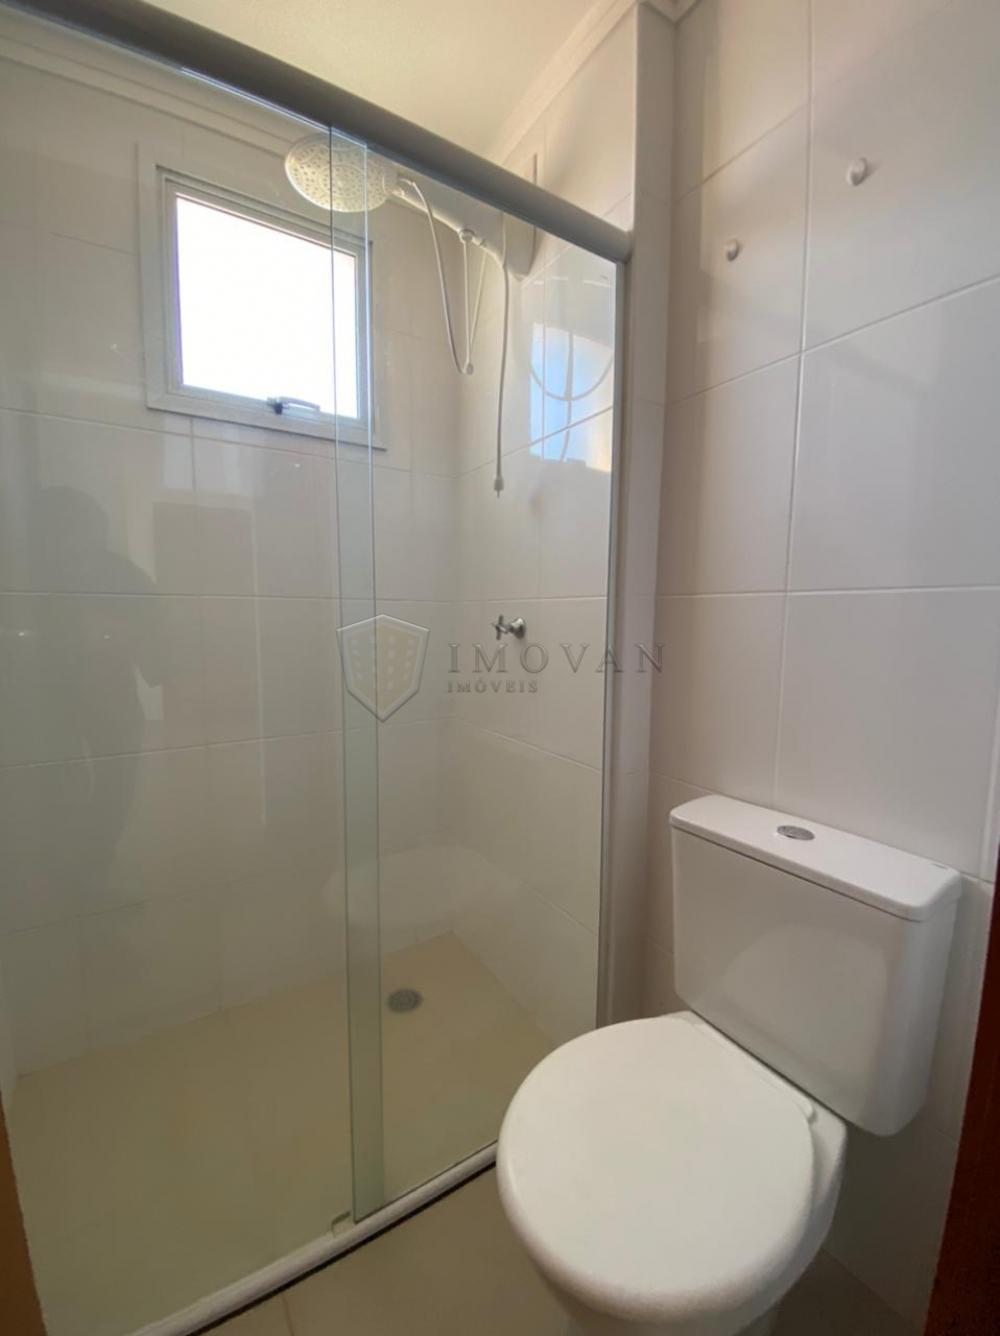 Comprar Apartamento / Padrão em Ribeirão Preto apenas R$ 257.000,00 - Foto 10